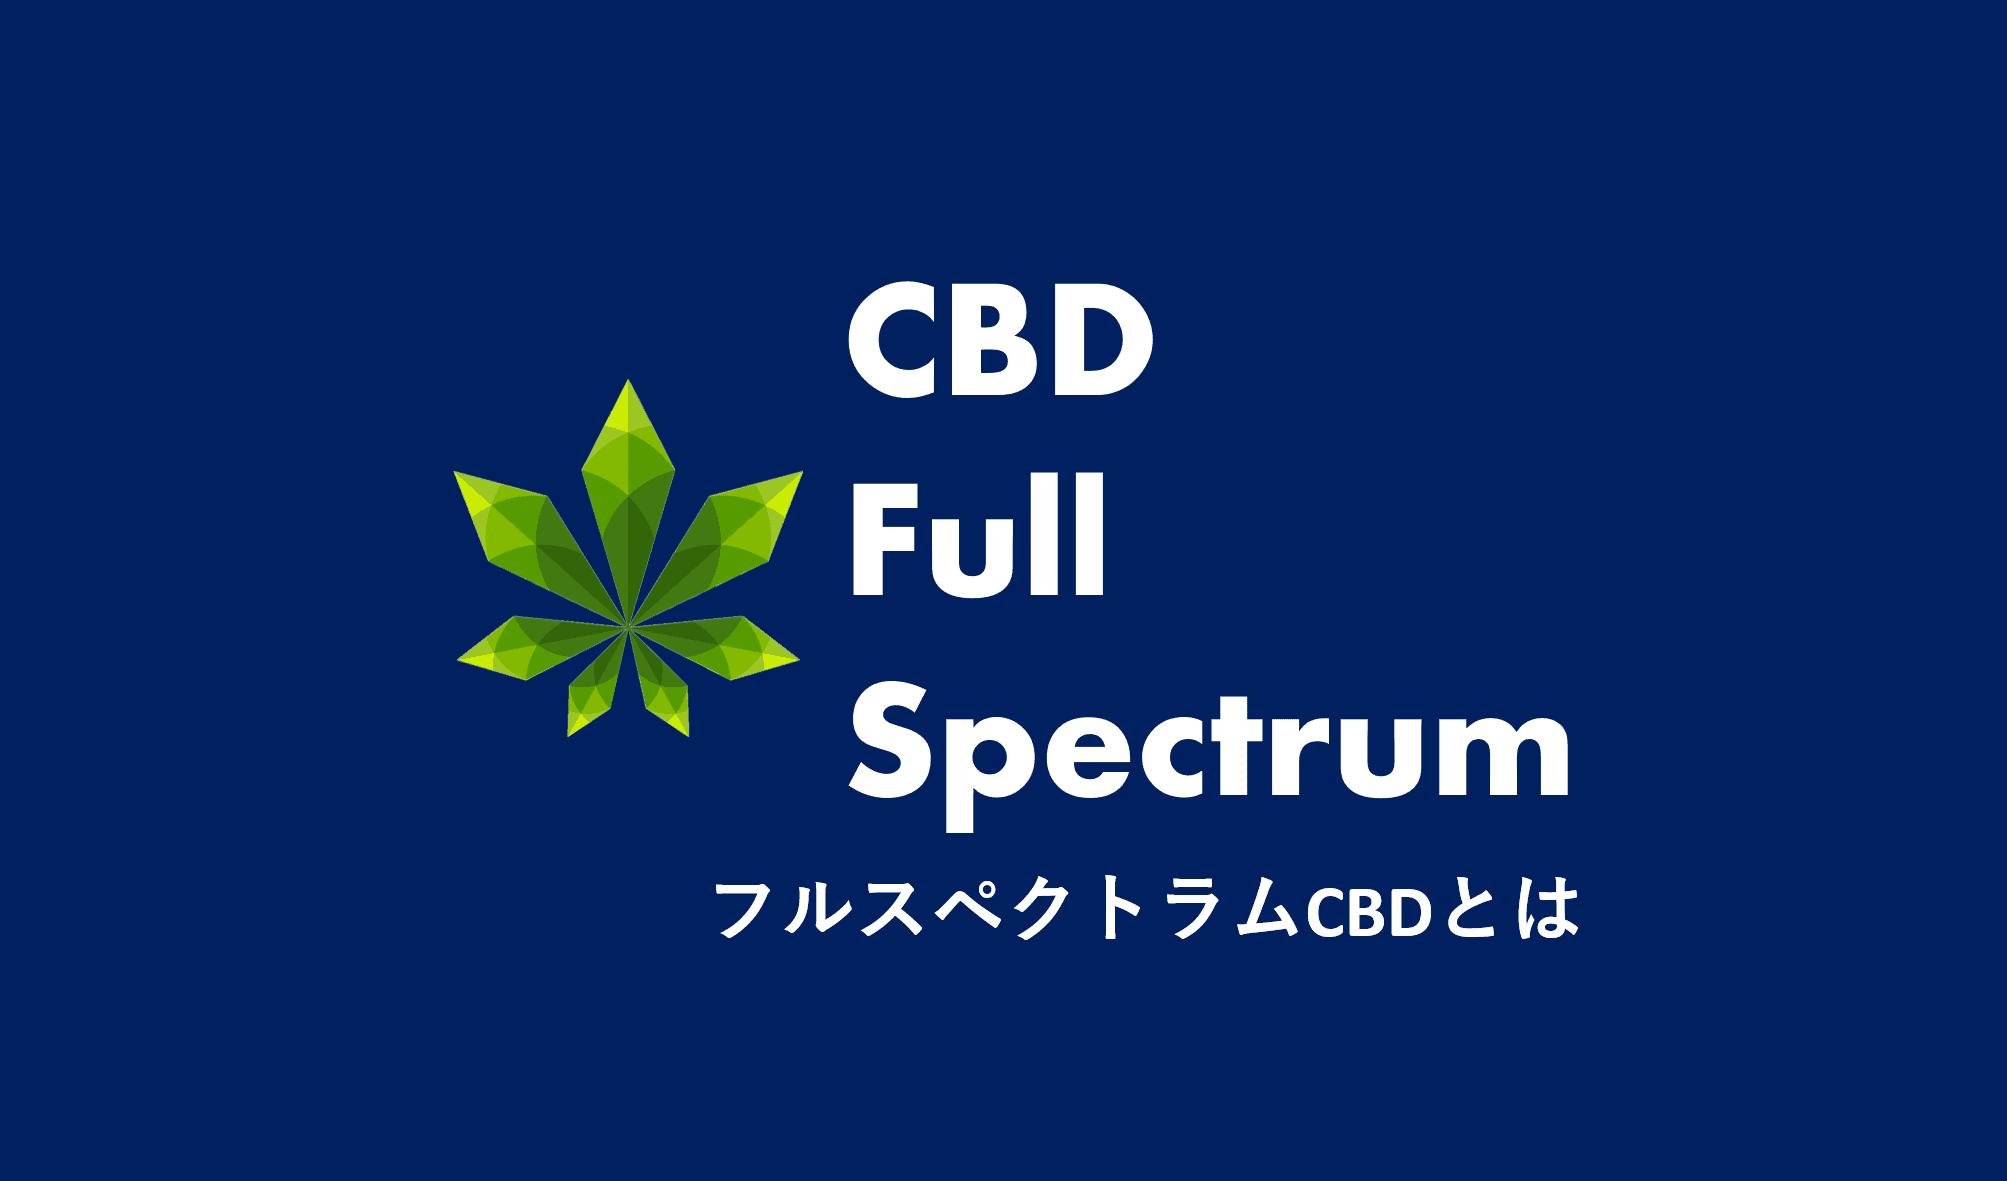 CBDフルスペクトラム